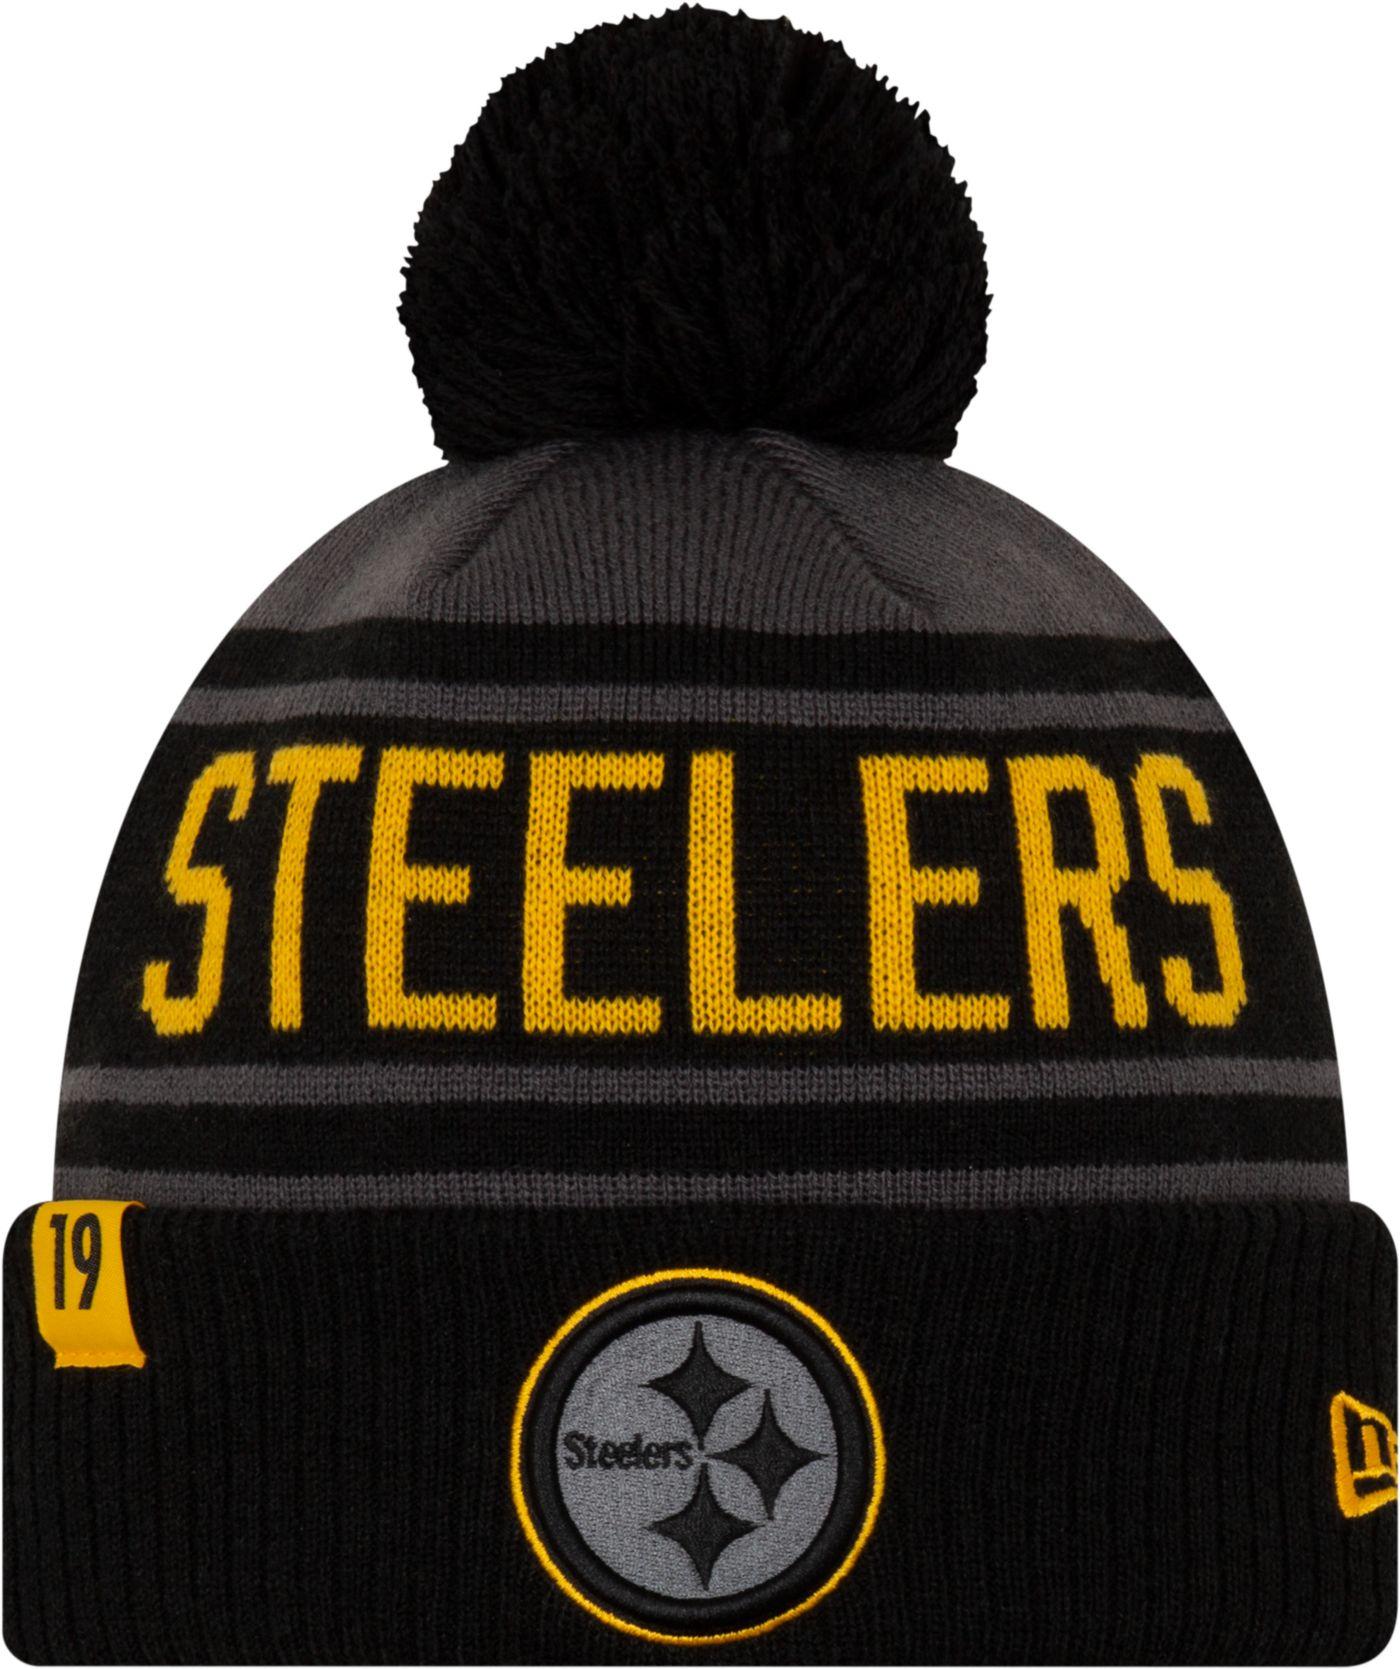 New Era Men's Pittsburgh Steelers JuJu #19 Black Pom Knit